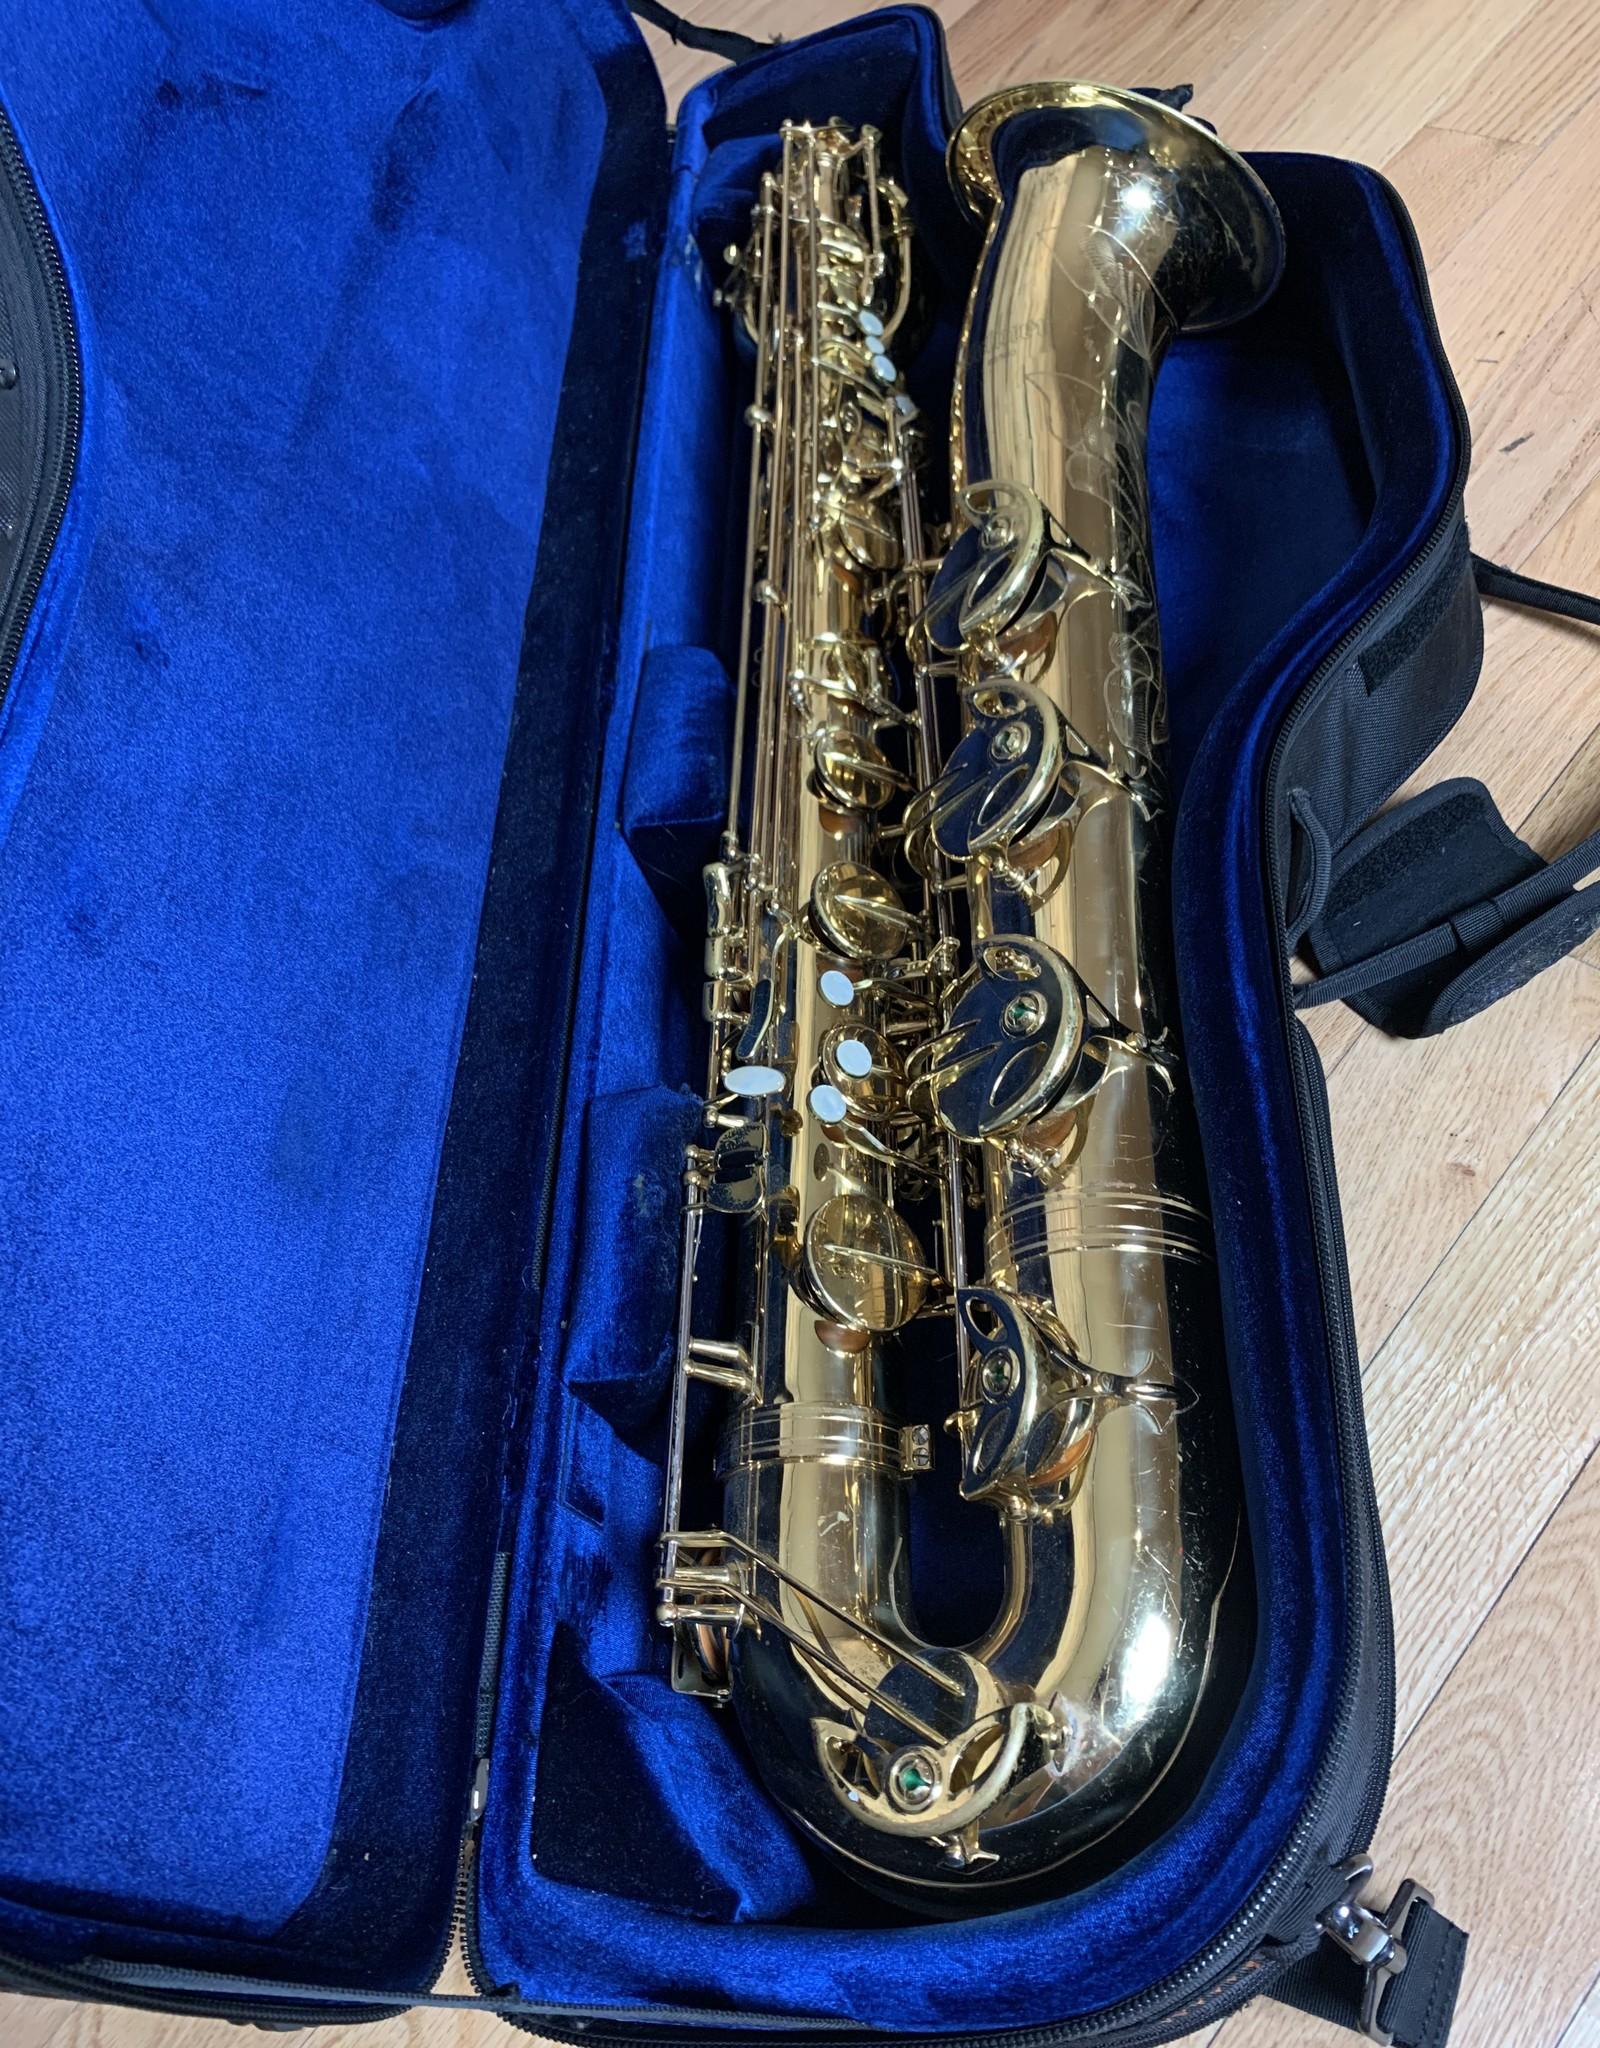 Selmer Selmer BSS500 Baritone Saxophone pre owned